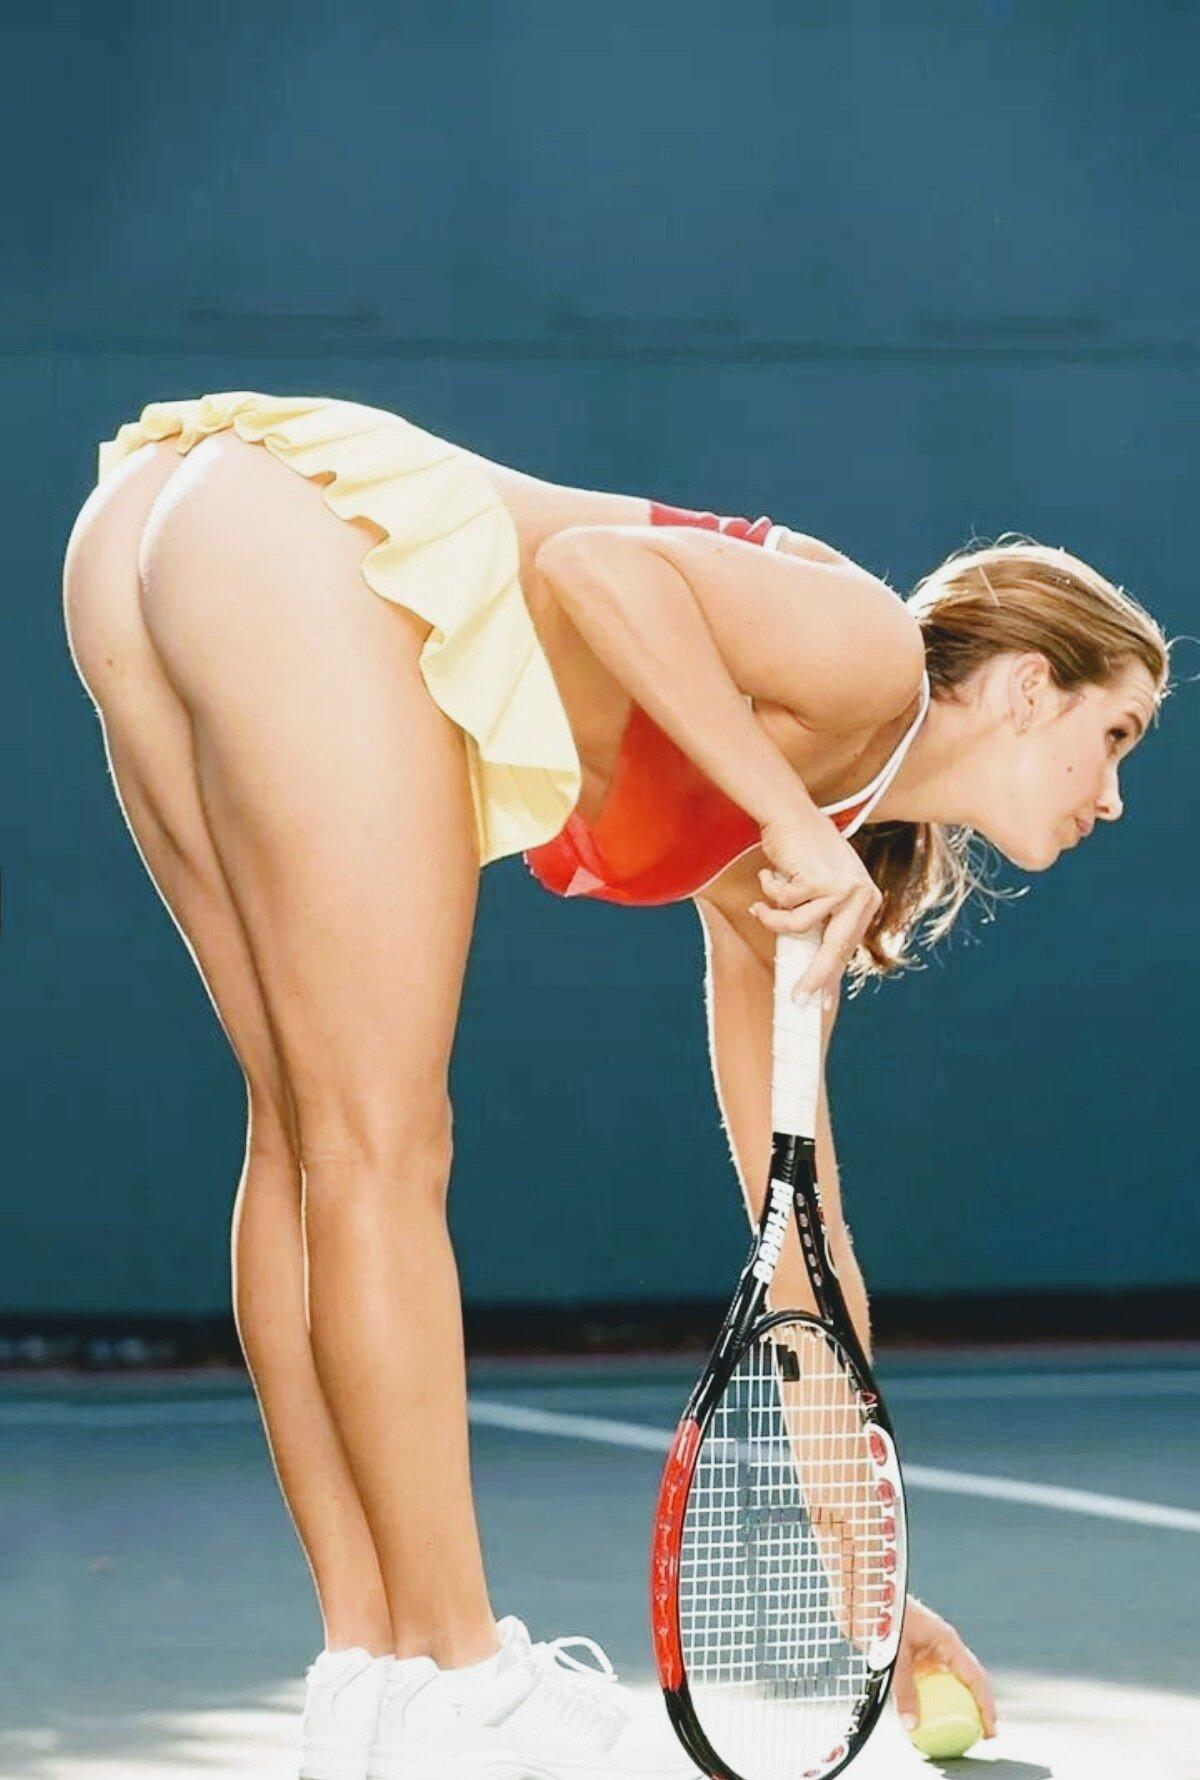 Большой теннис без трусиков, онлайн порнуха новое